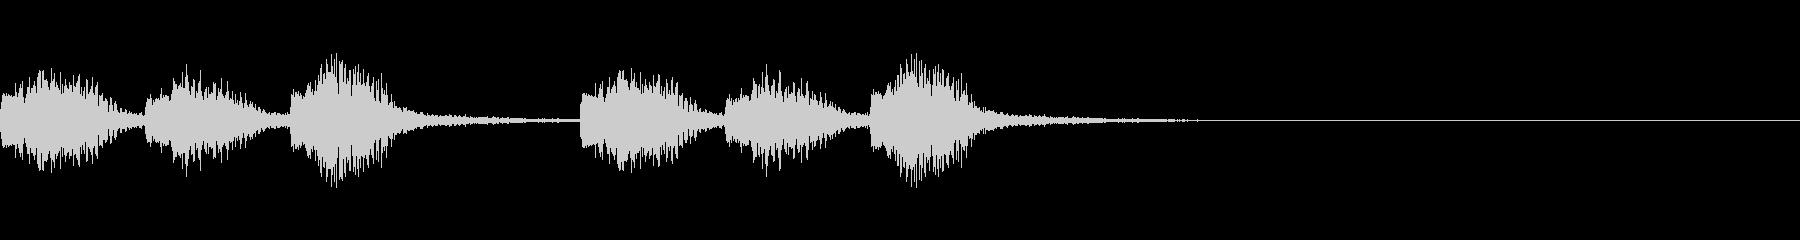 緊急警報風サウンドの未再生の波形